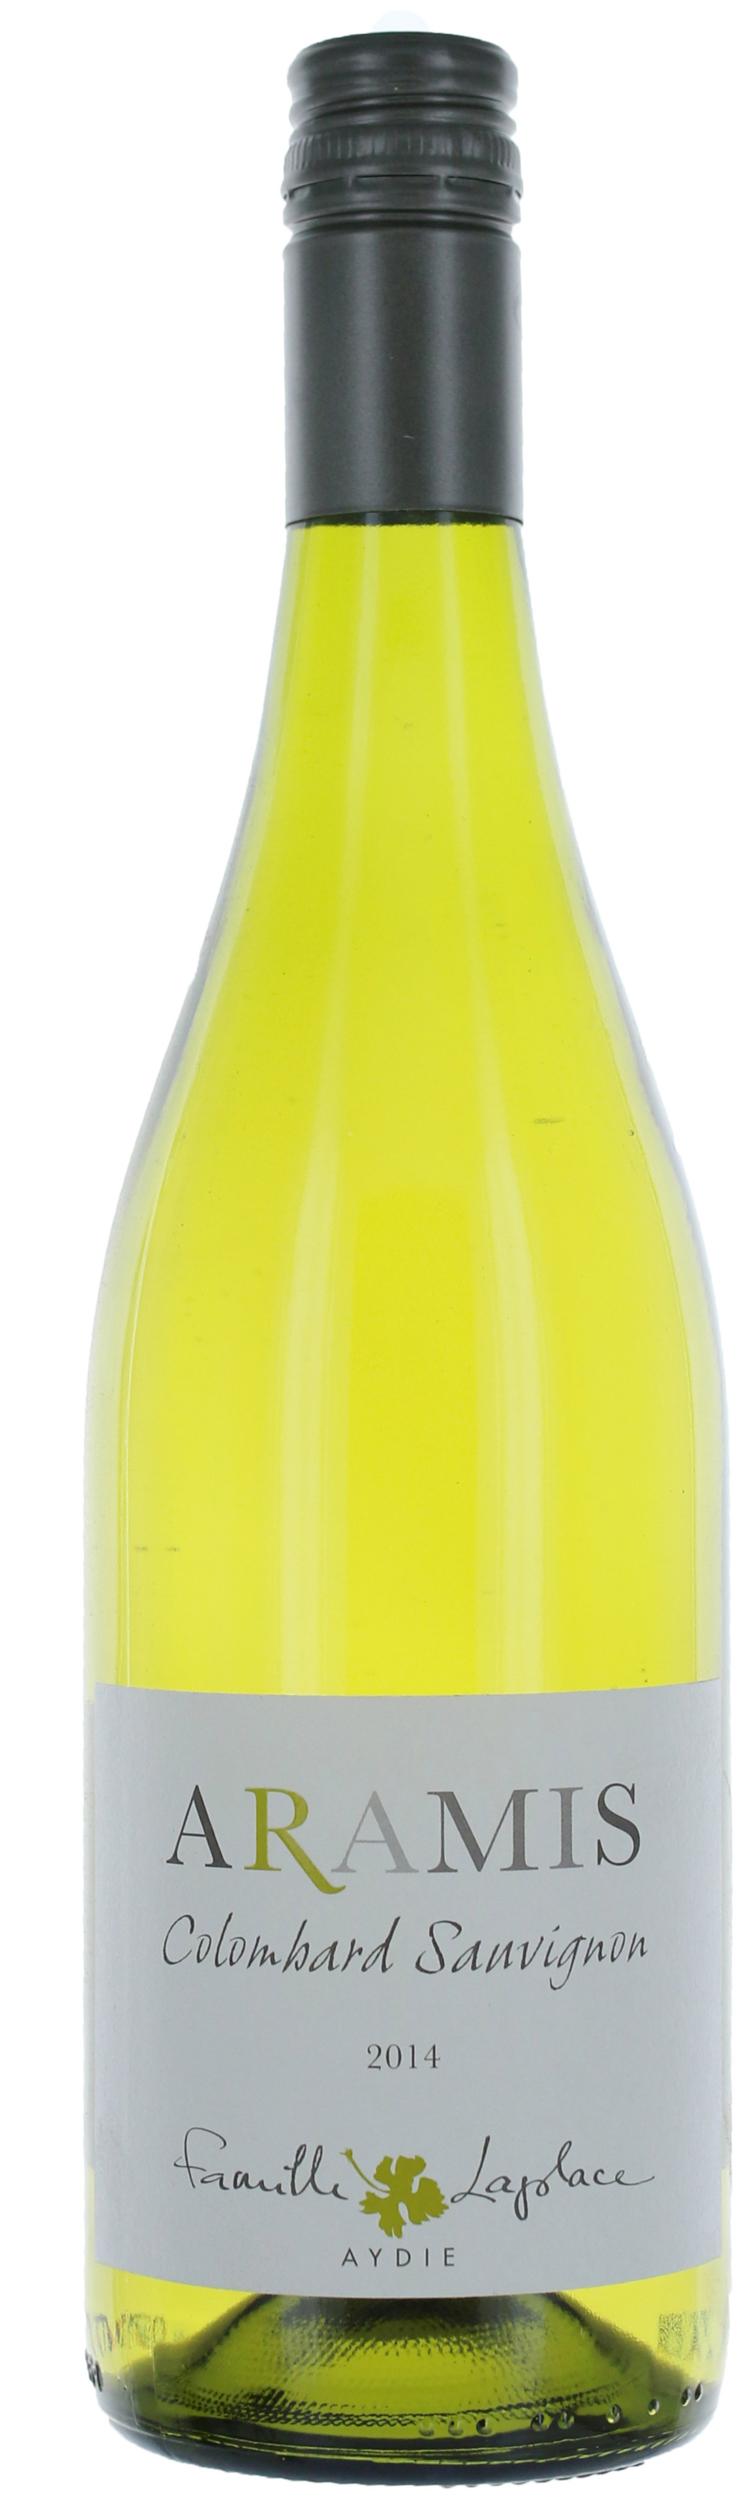 Côtes de Cascogne - Aramis Colombard Sauvignon - Château D\'Aydie - 2018